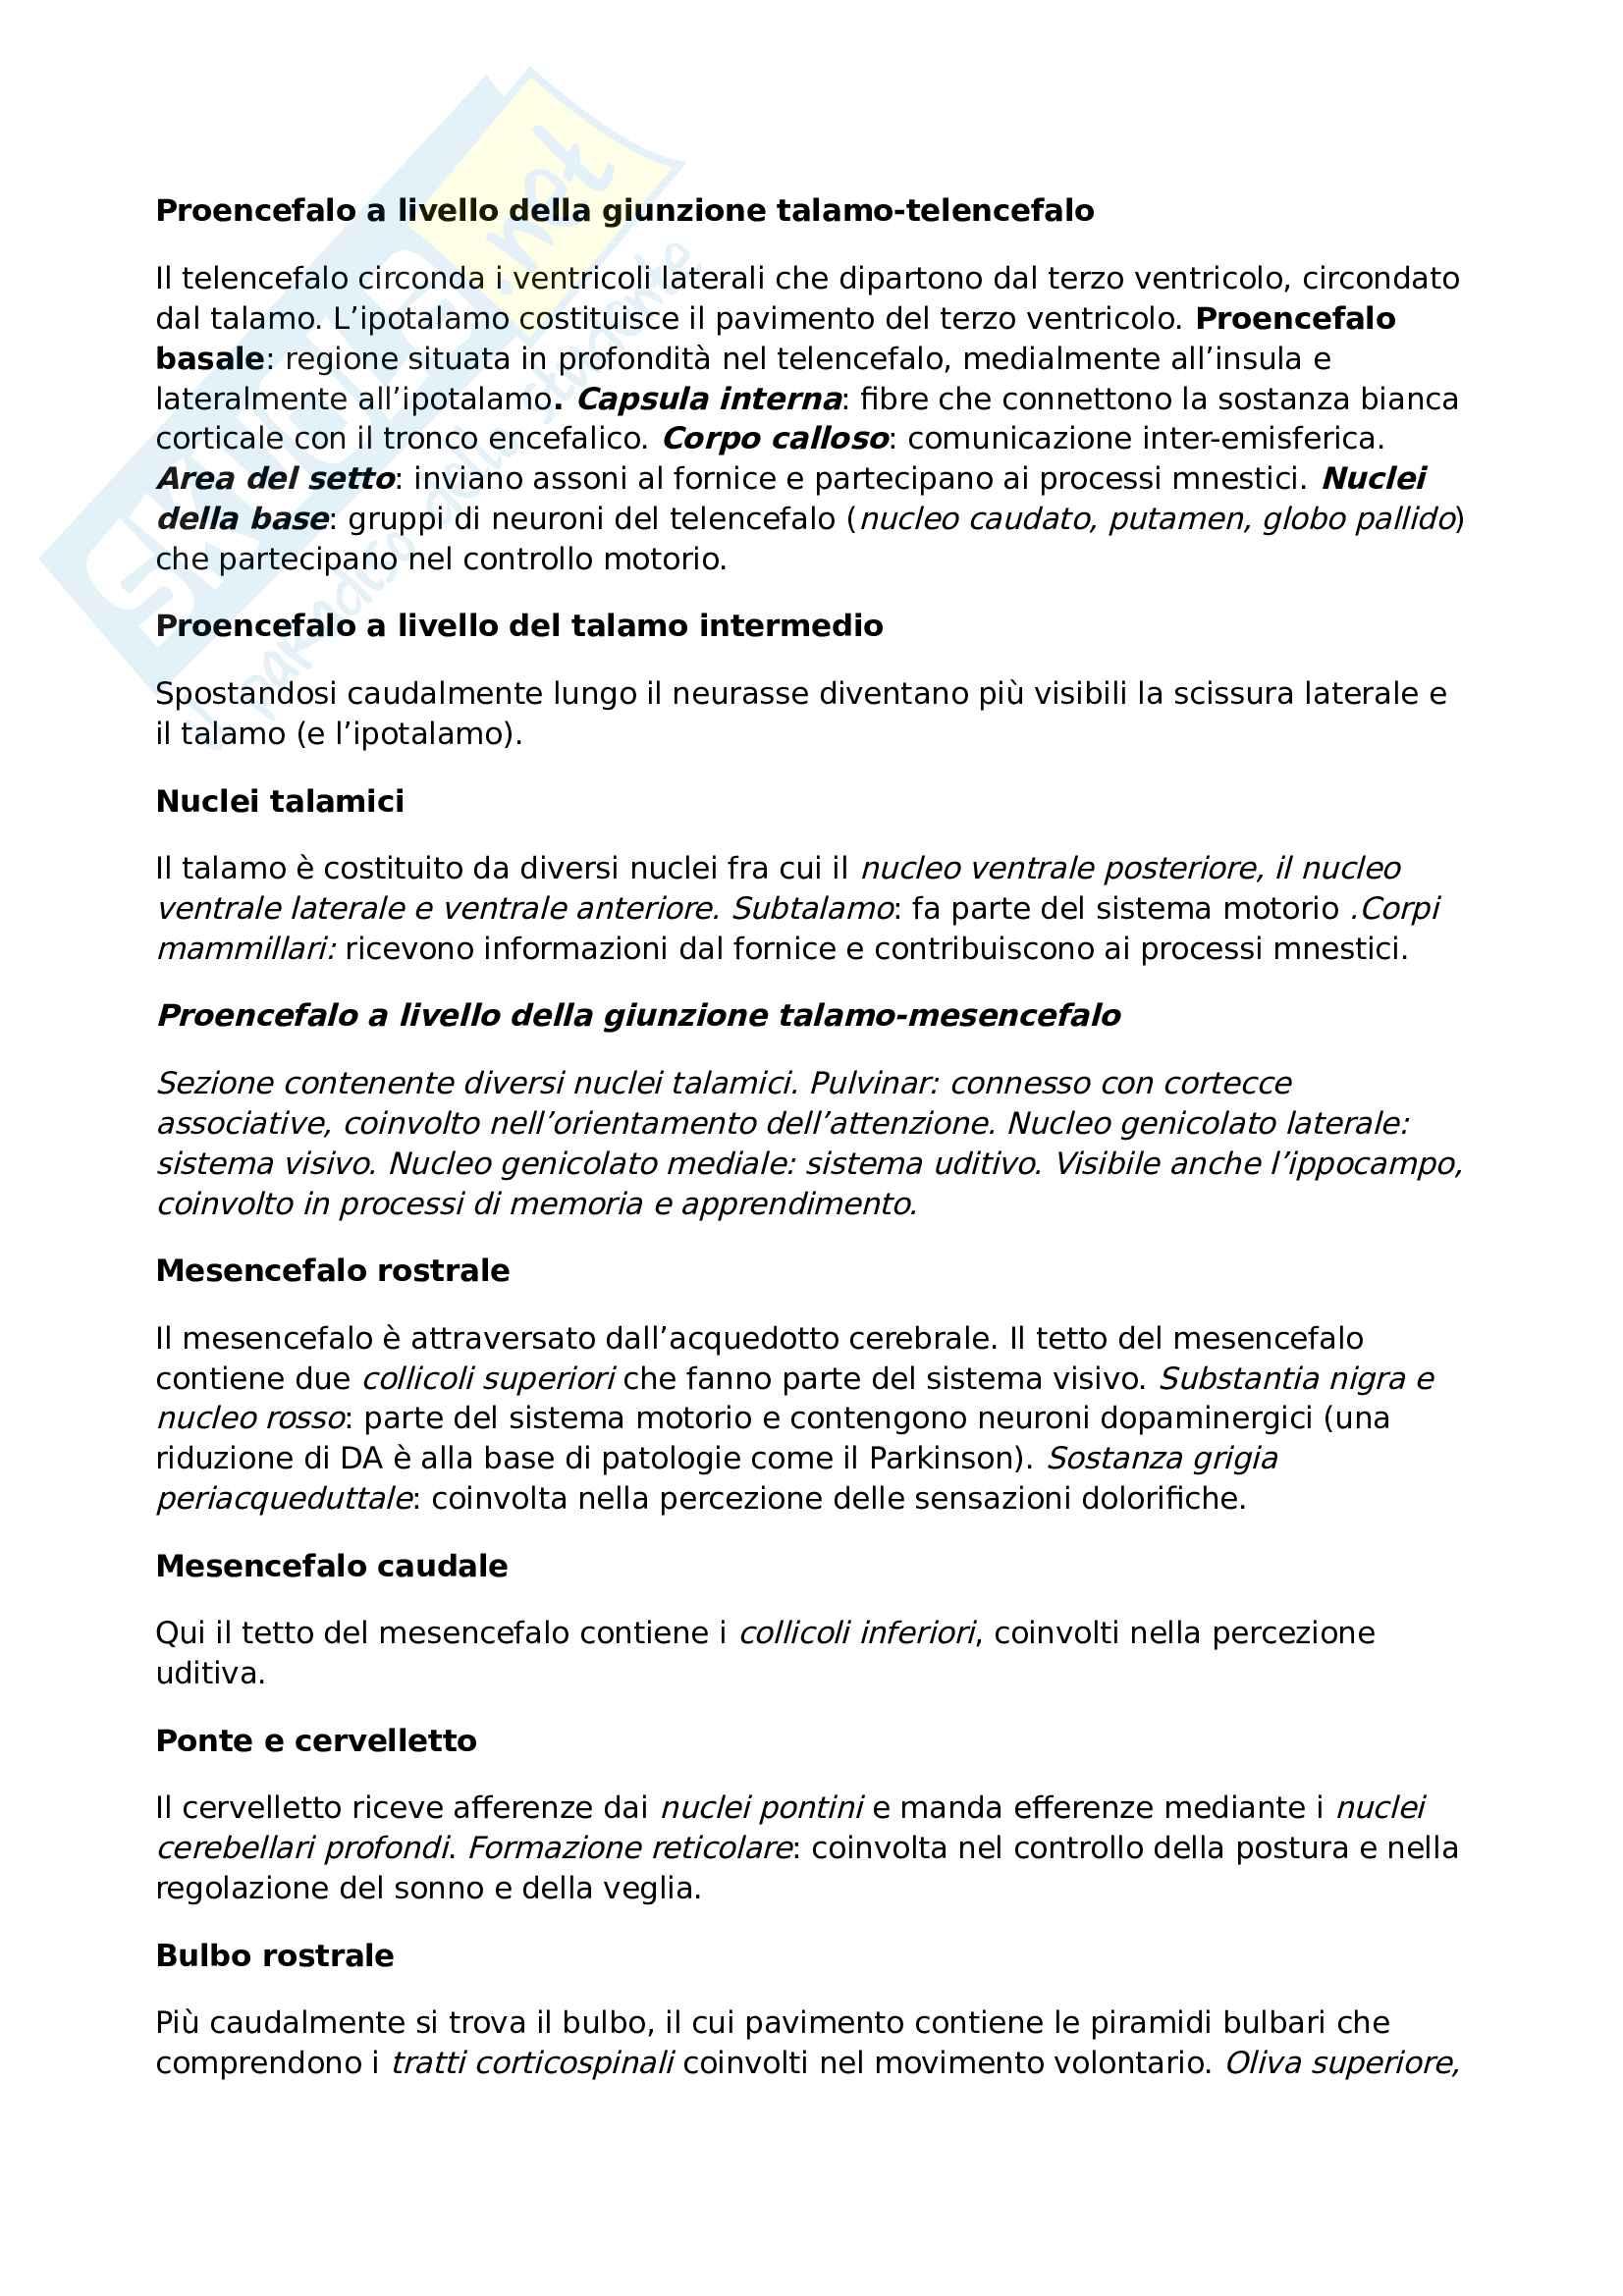 Riassunto esame Fondamenti anatomo-fisiologici dell'attività psichica, prof. Perri, libri consigliati: Principi di Neuroscienze, Kandel, Sckwartz, Jessel; Neuroscienze, Bear, Connors, Paradiso Pag. 11